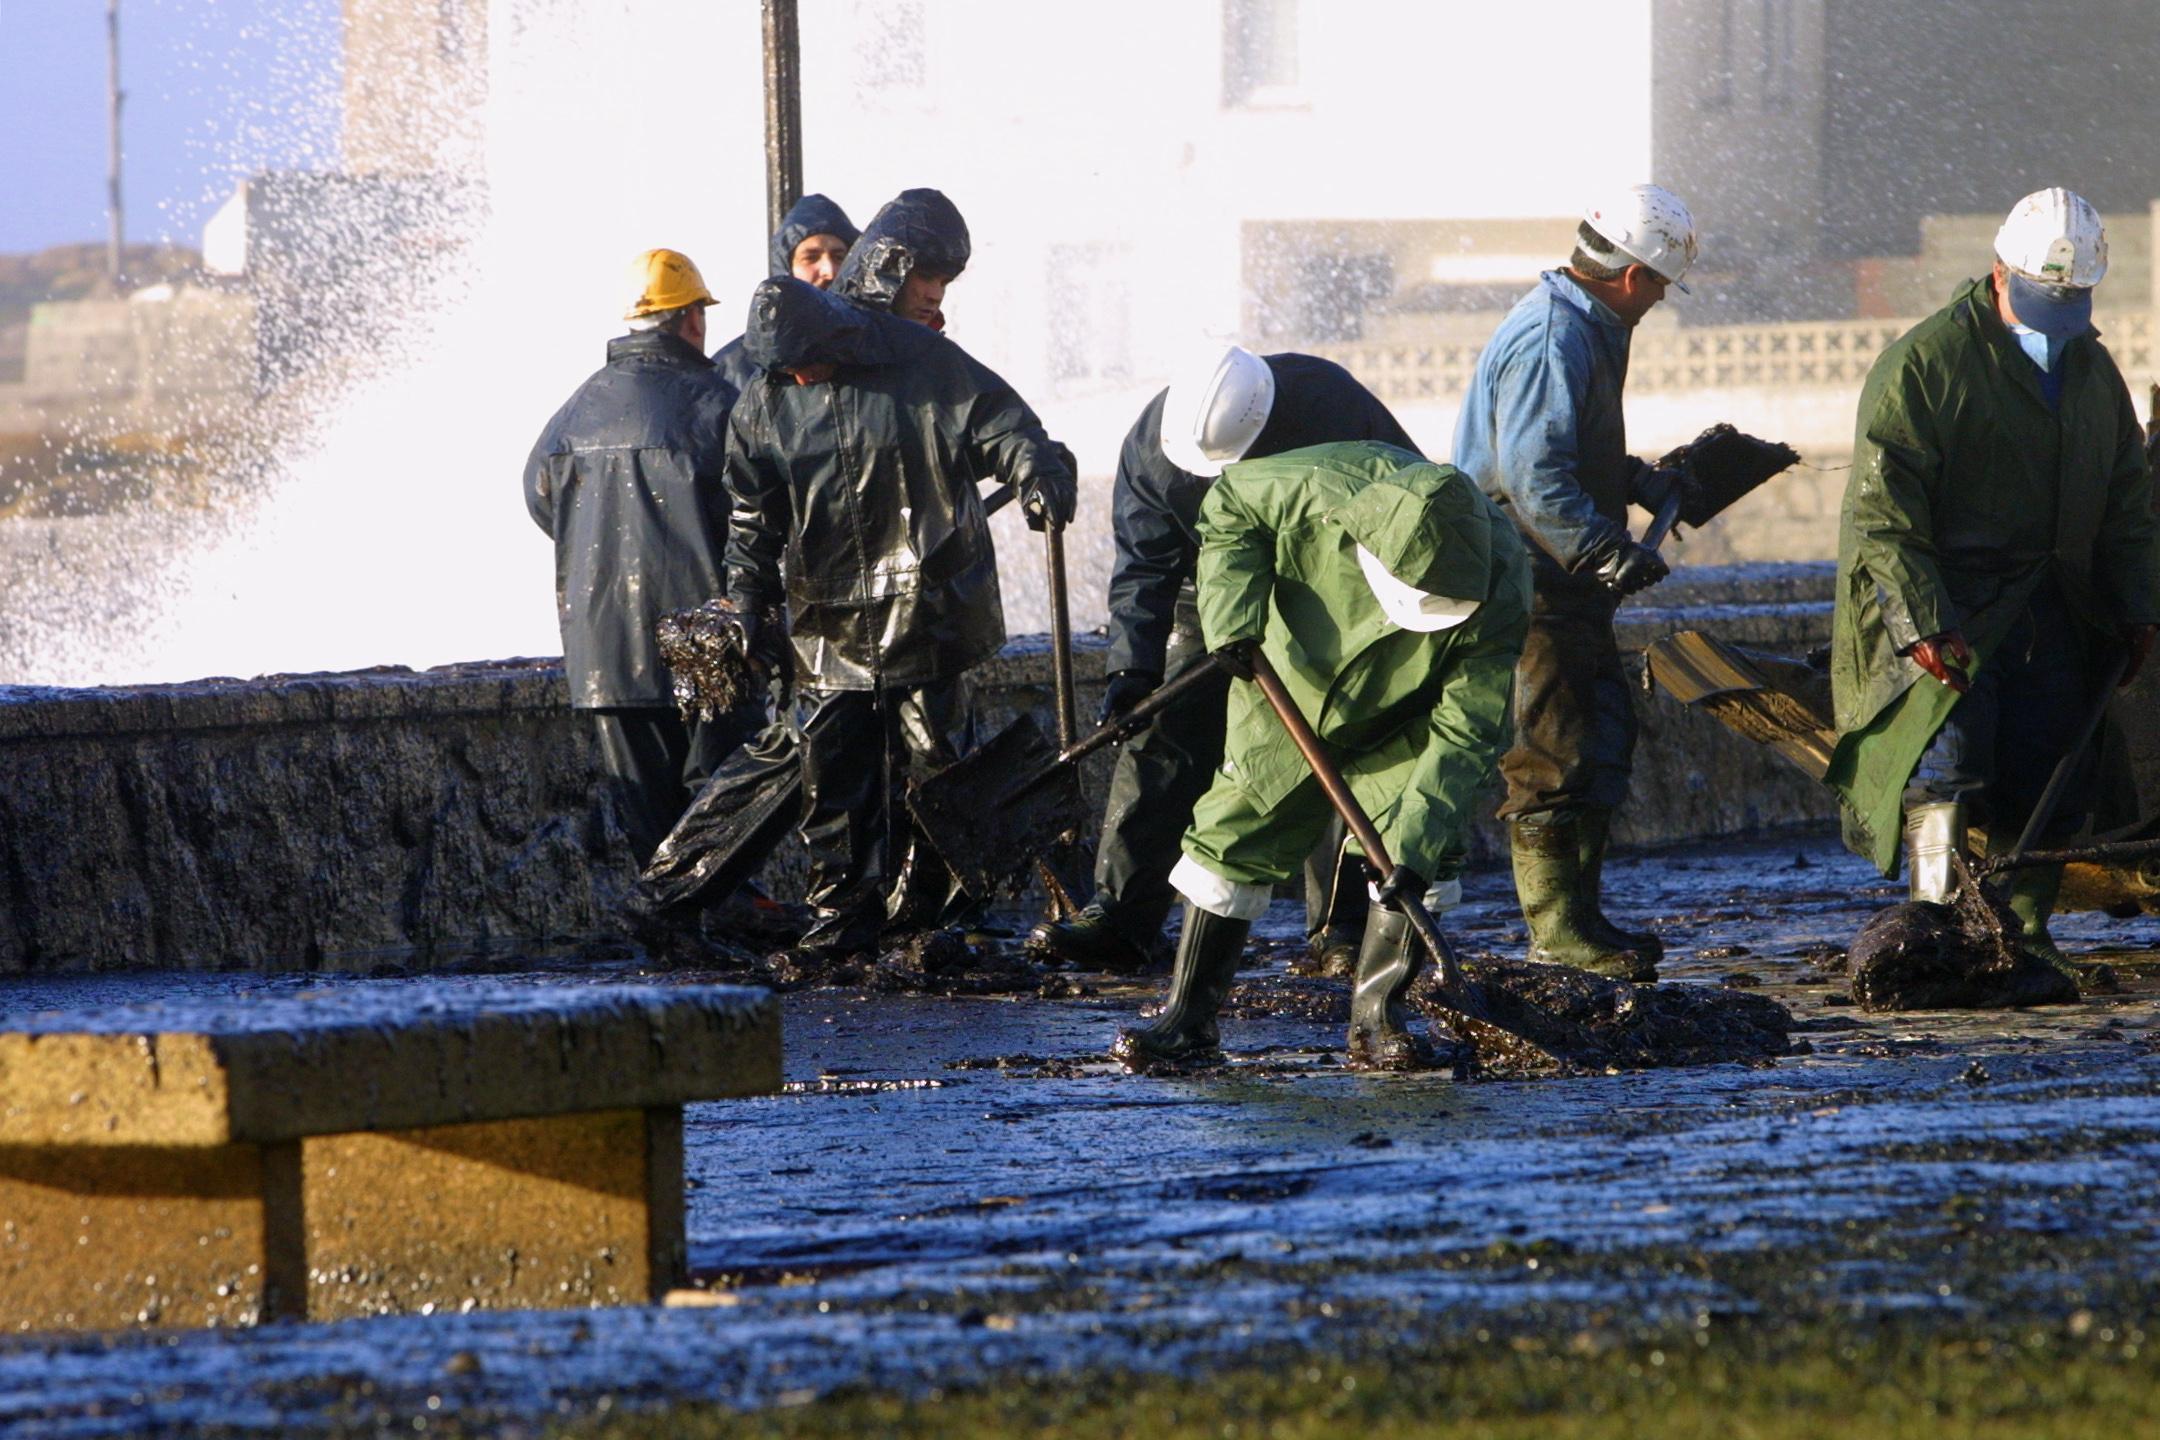 Un día más, las aguas de O Coído de Muxía escupen fuel<br> <b>José Manuel Casal</b>